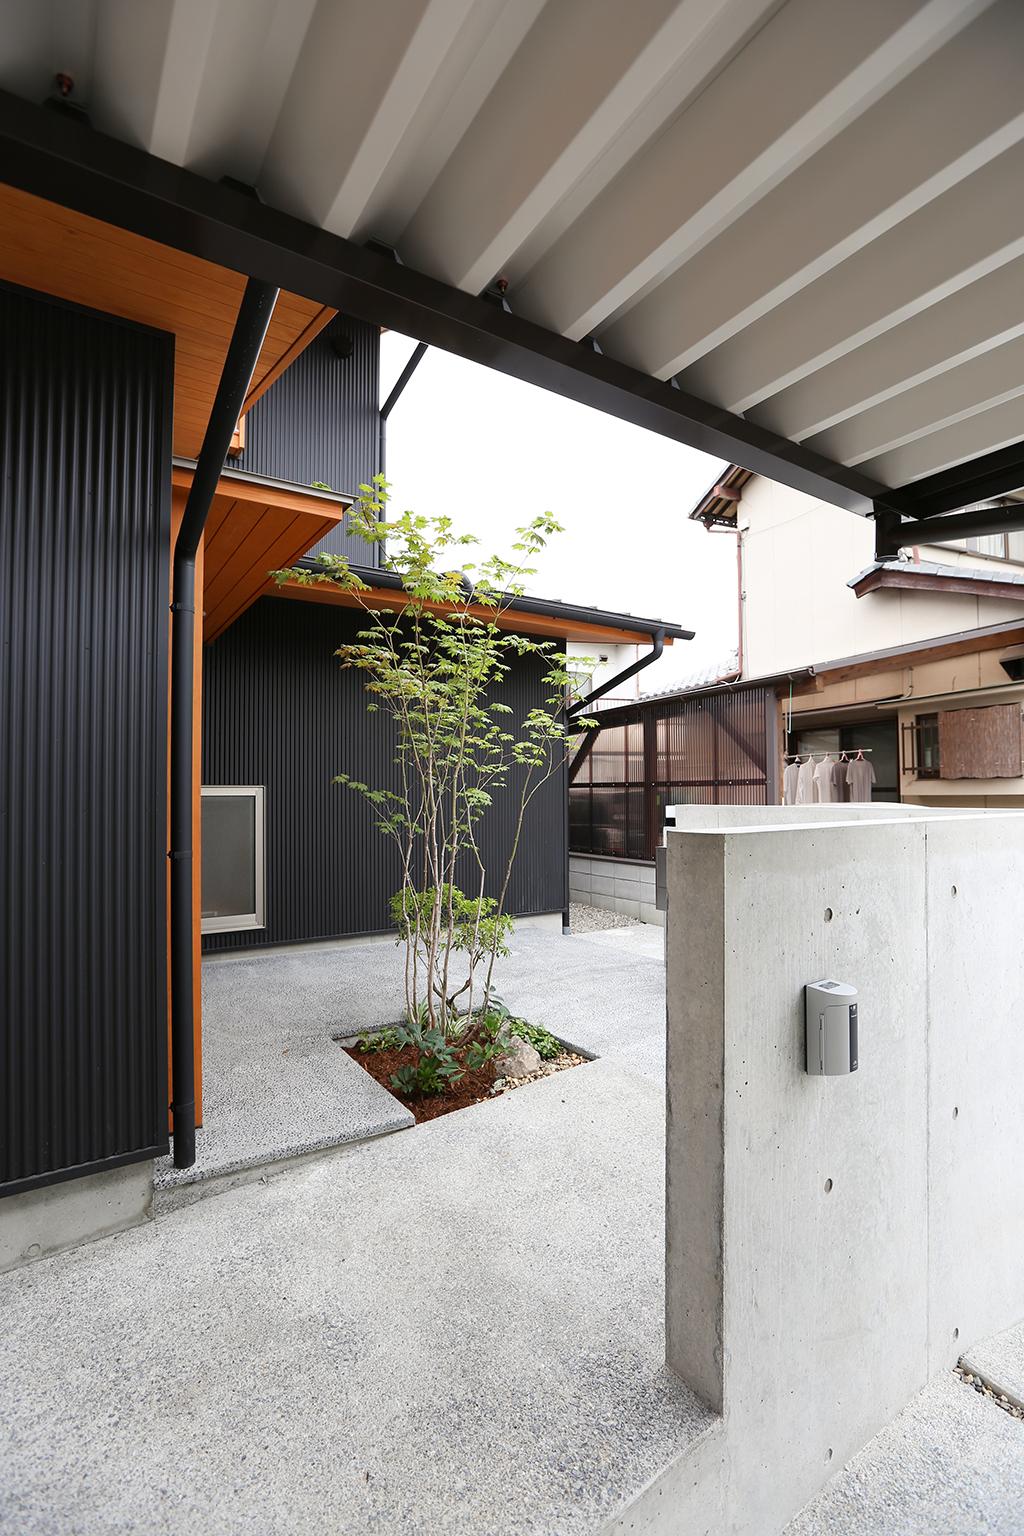 姫路市の木の家 緑のあるスロープ状の玄関ポーチ